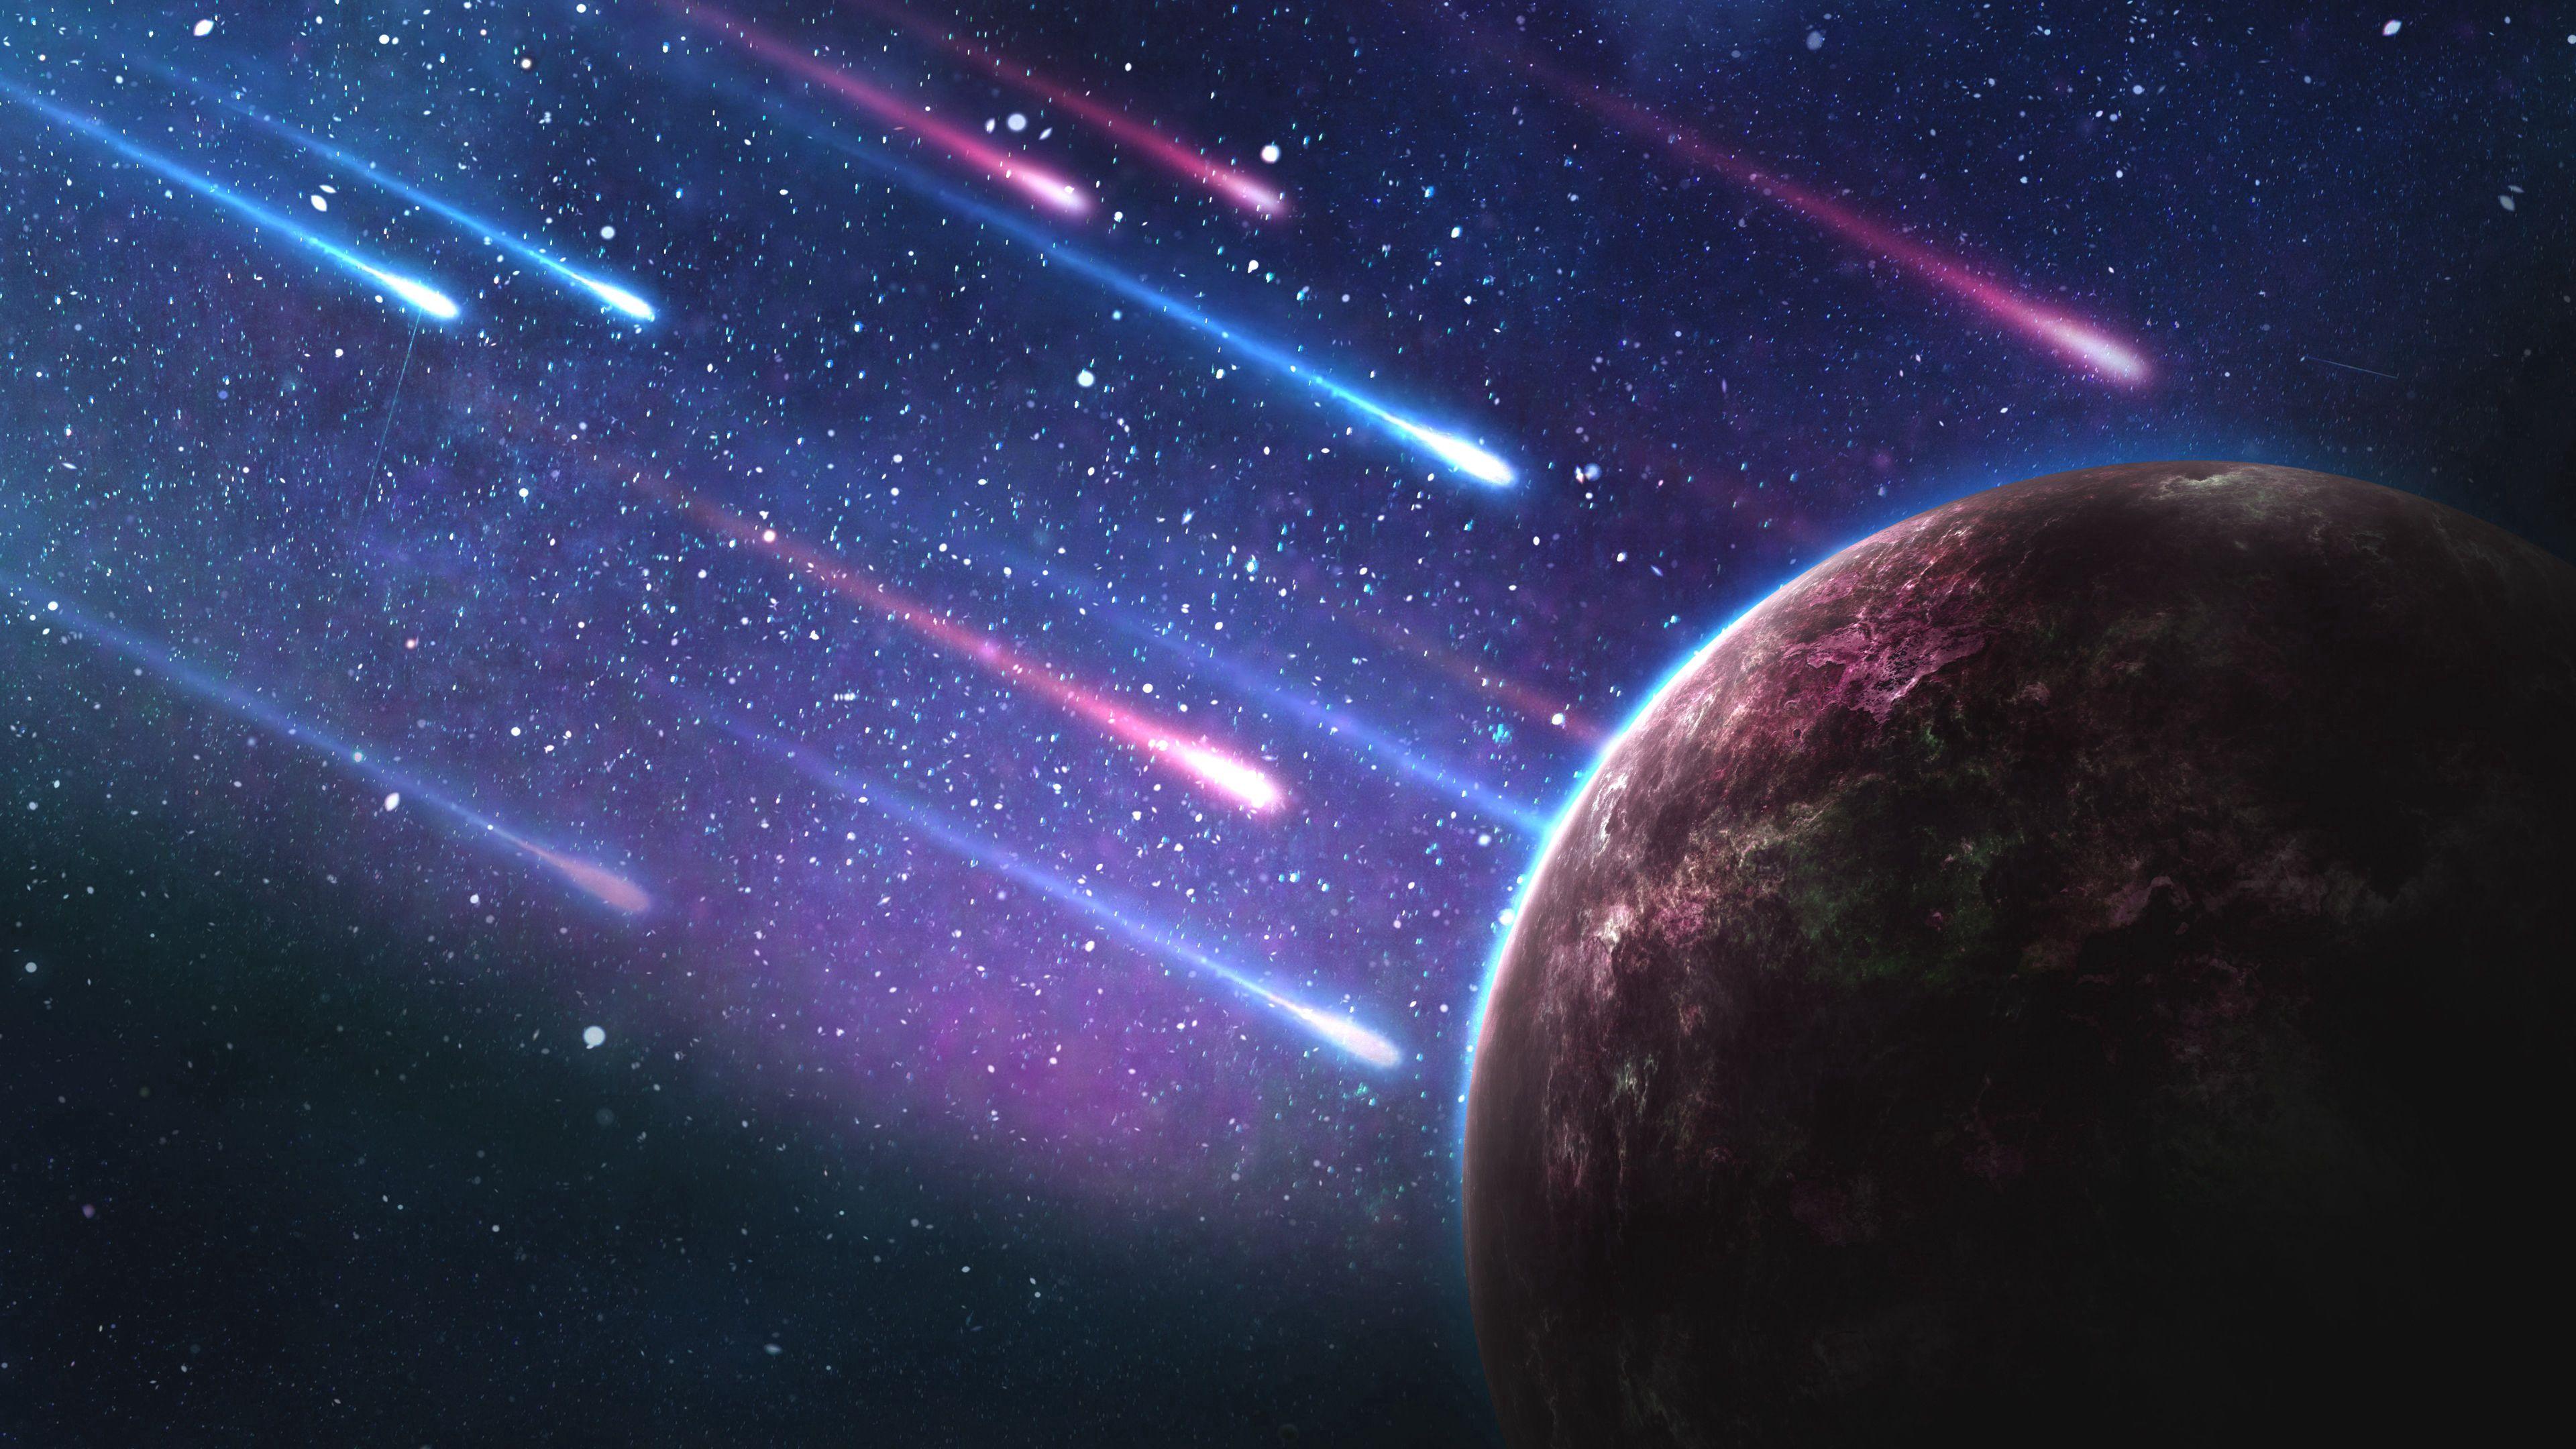 154733 Hintergrundbild herunterladen Universum, Galaxis, Galaxy, Platz, Raum, Planet, Planeten, Meteoriten - Bildschirmschoner und Bilder kostenlos